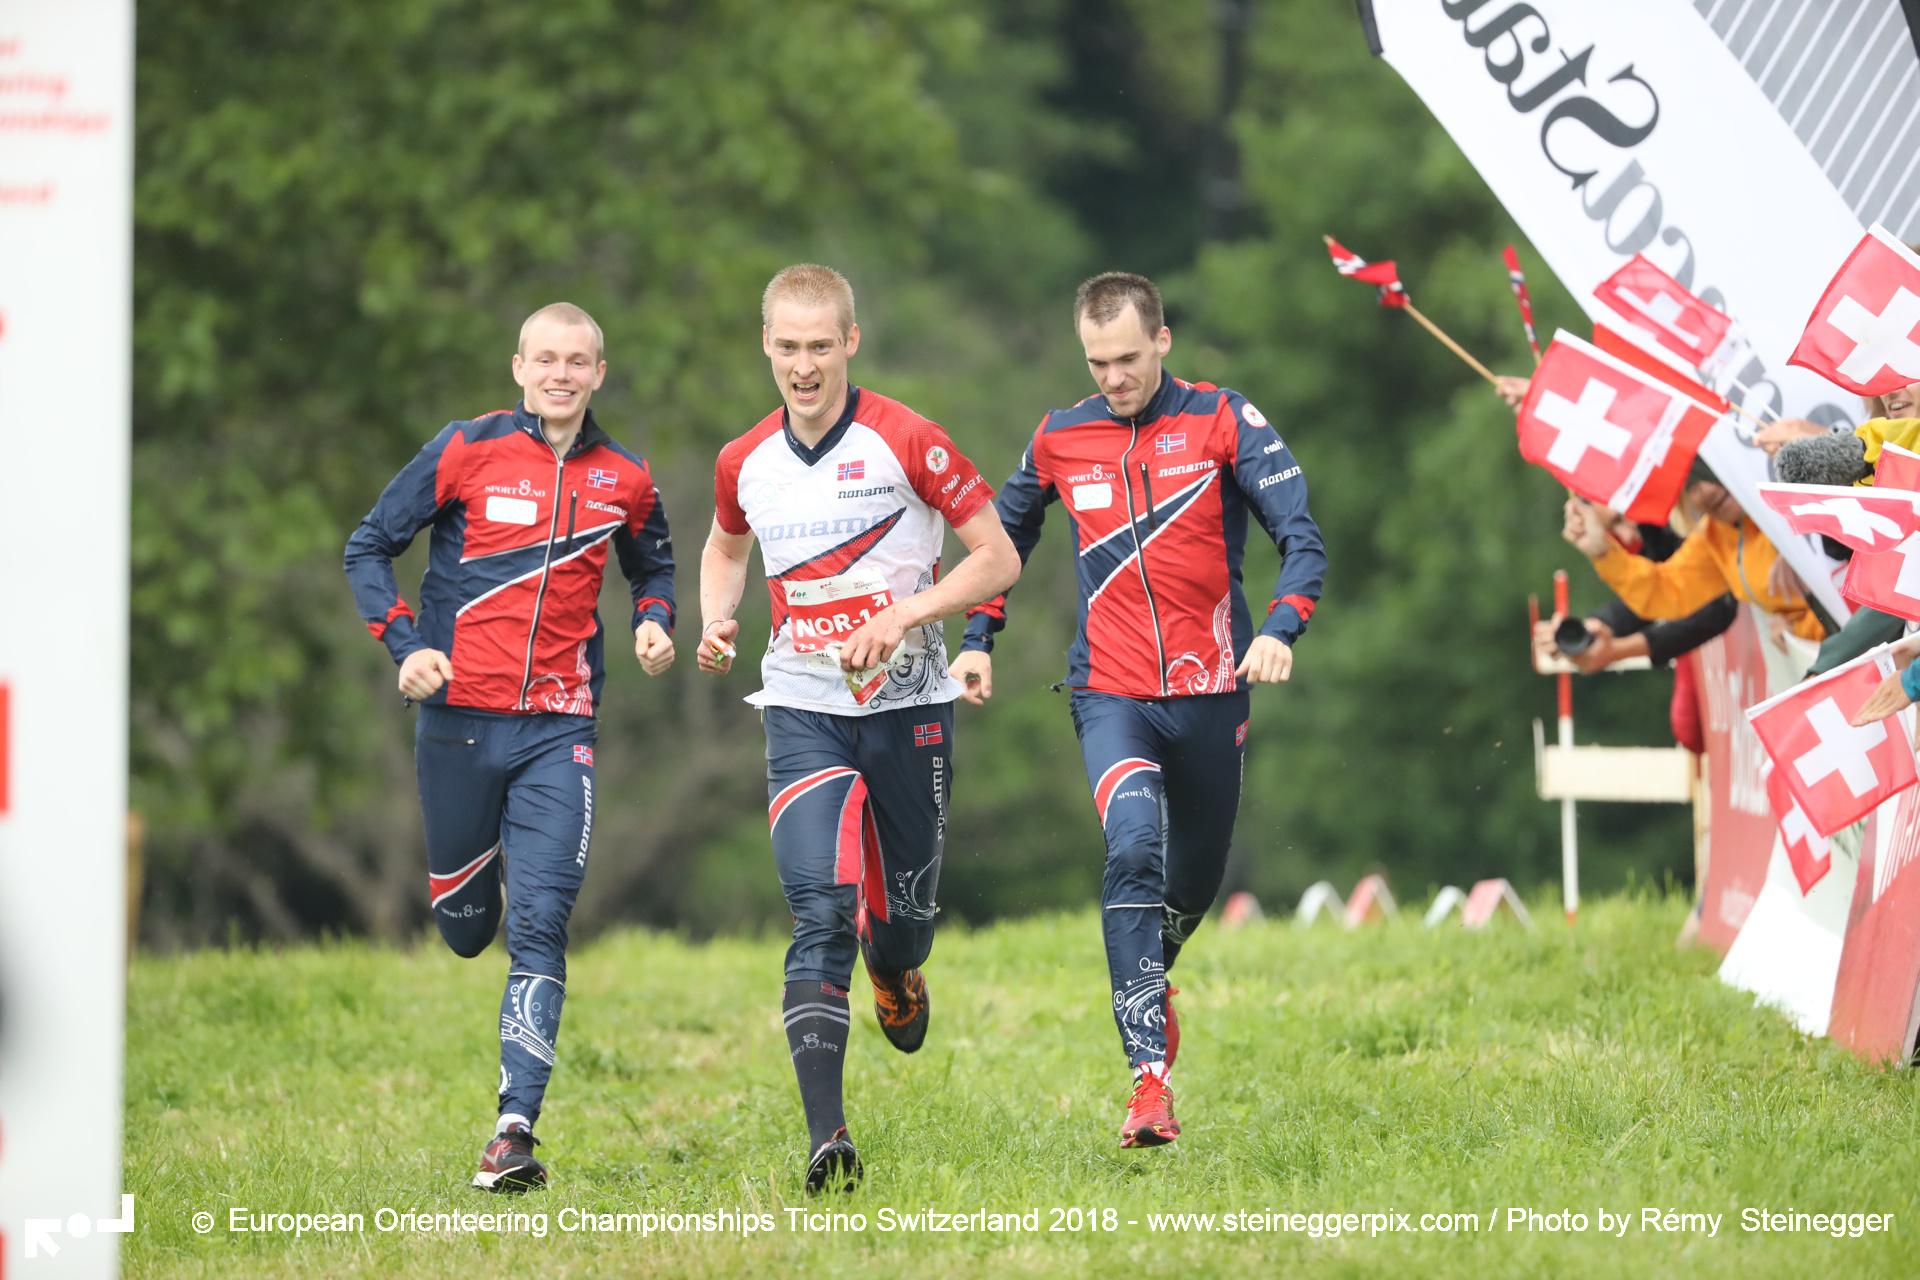 Swiss women and Norwegian men win relay gold